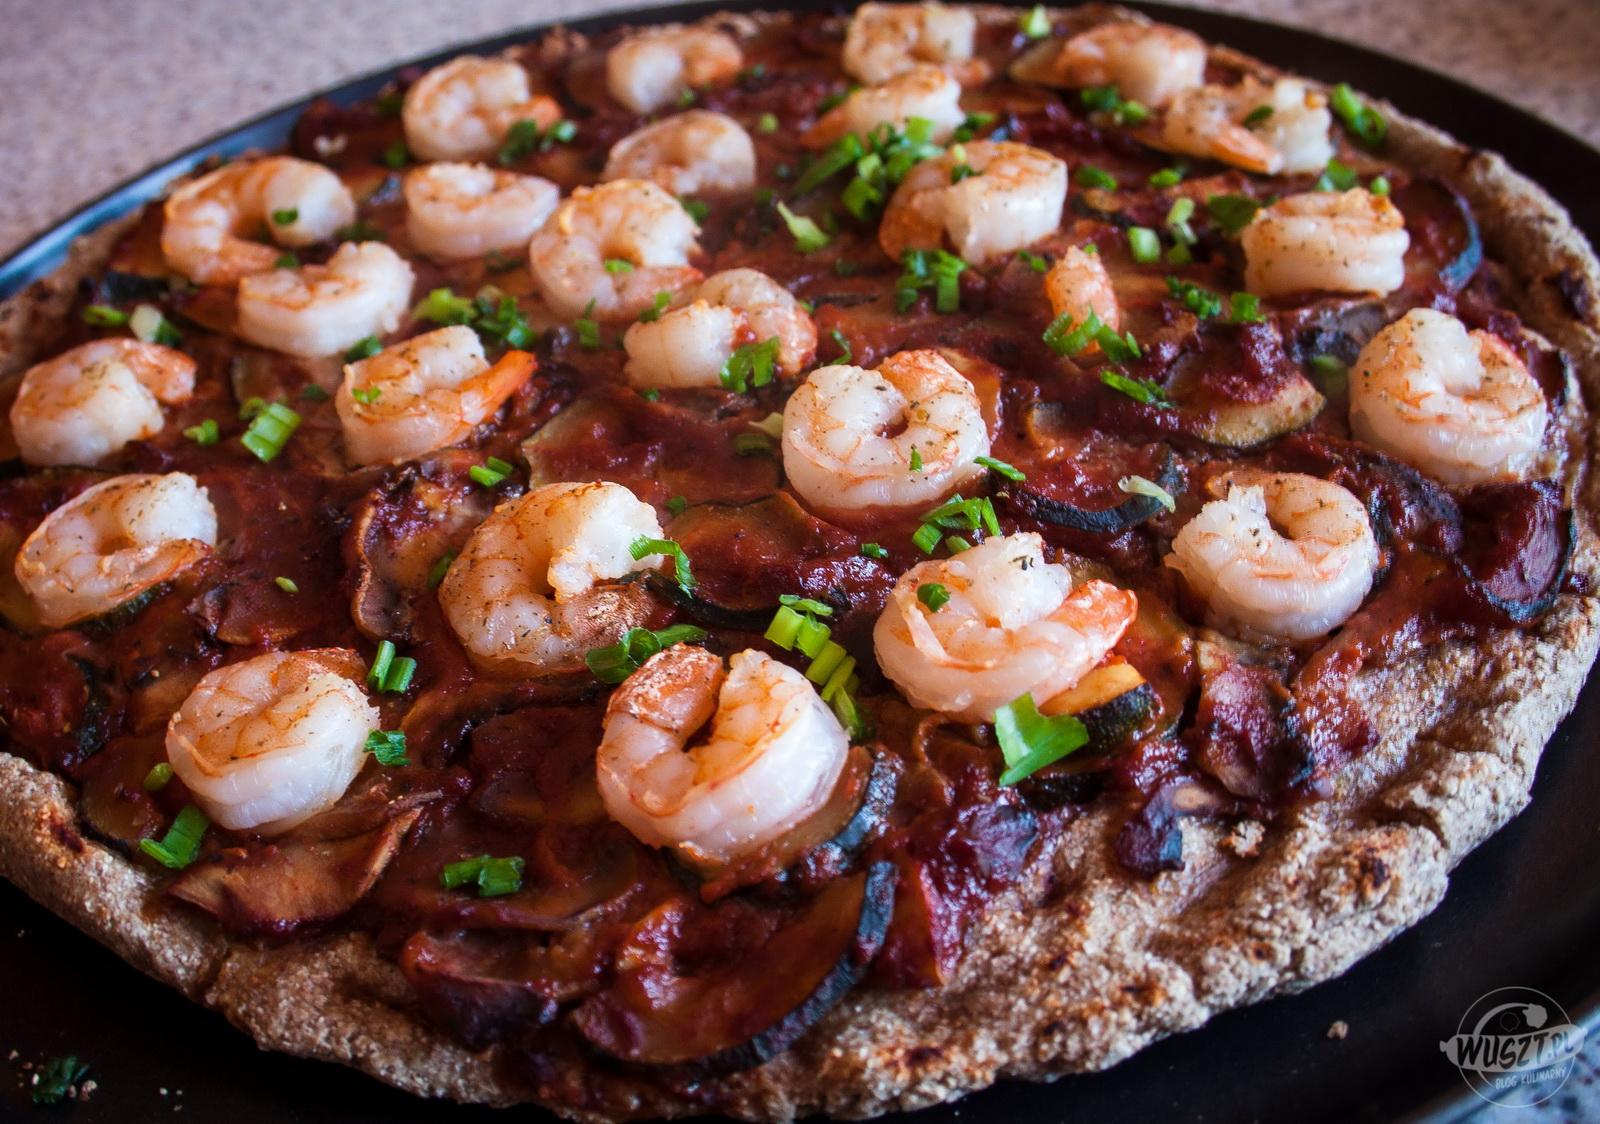 pizza  krewetki weglowodany montignac 1 104. Pizza z krewetkami [Montignac, Węglowodany]